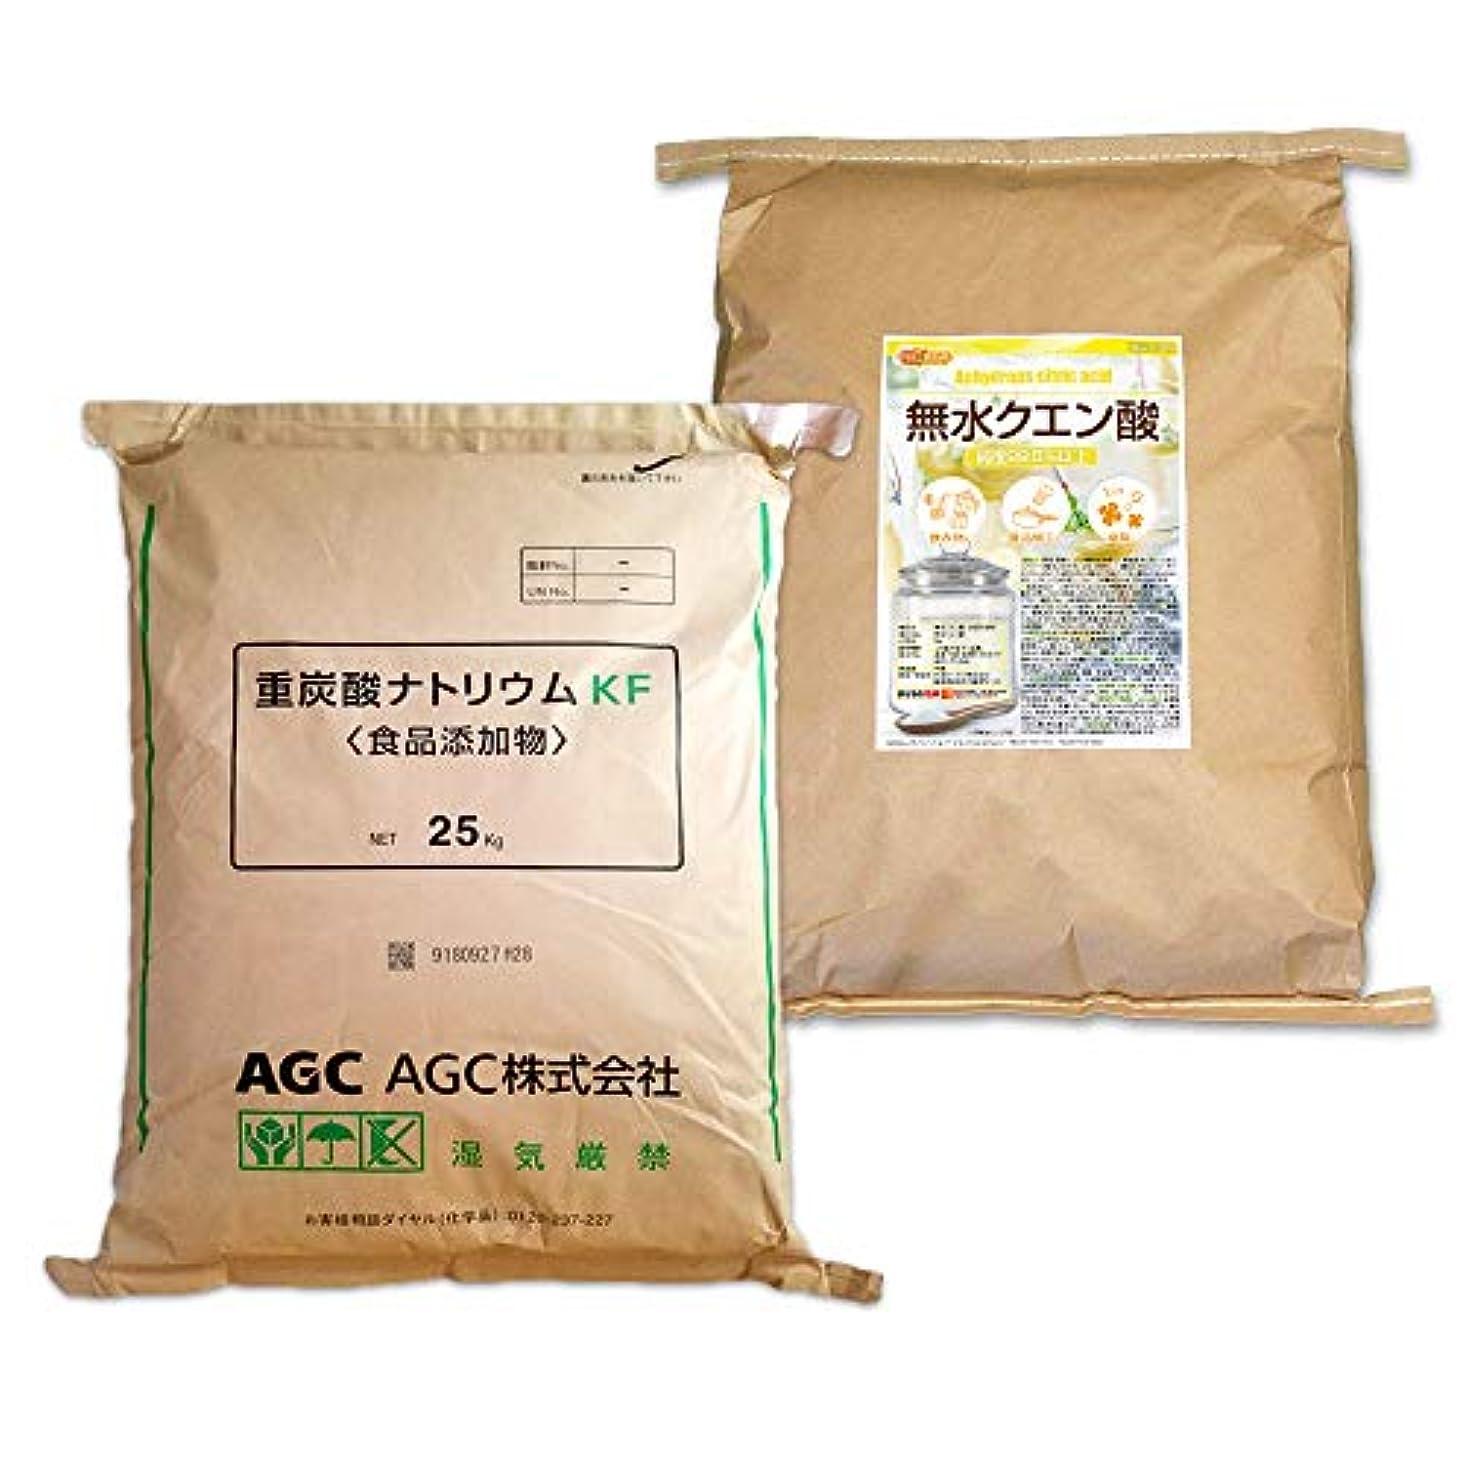 スペア早める呼びかけるAGC製 重曹 25kg + 無水 クエン酸 25kg セット [02] 【同梱不可】NICHIGA(ニチガ)